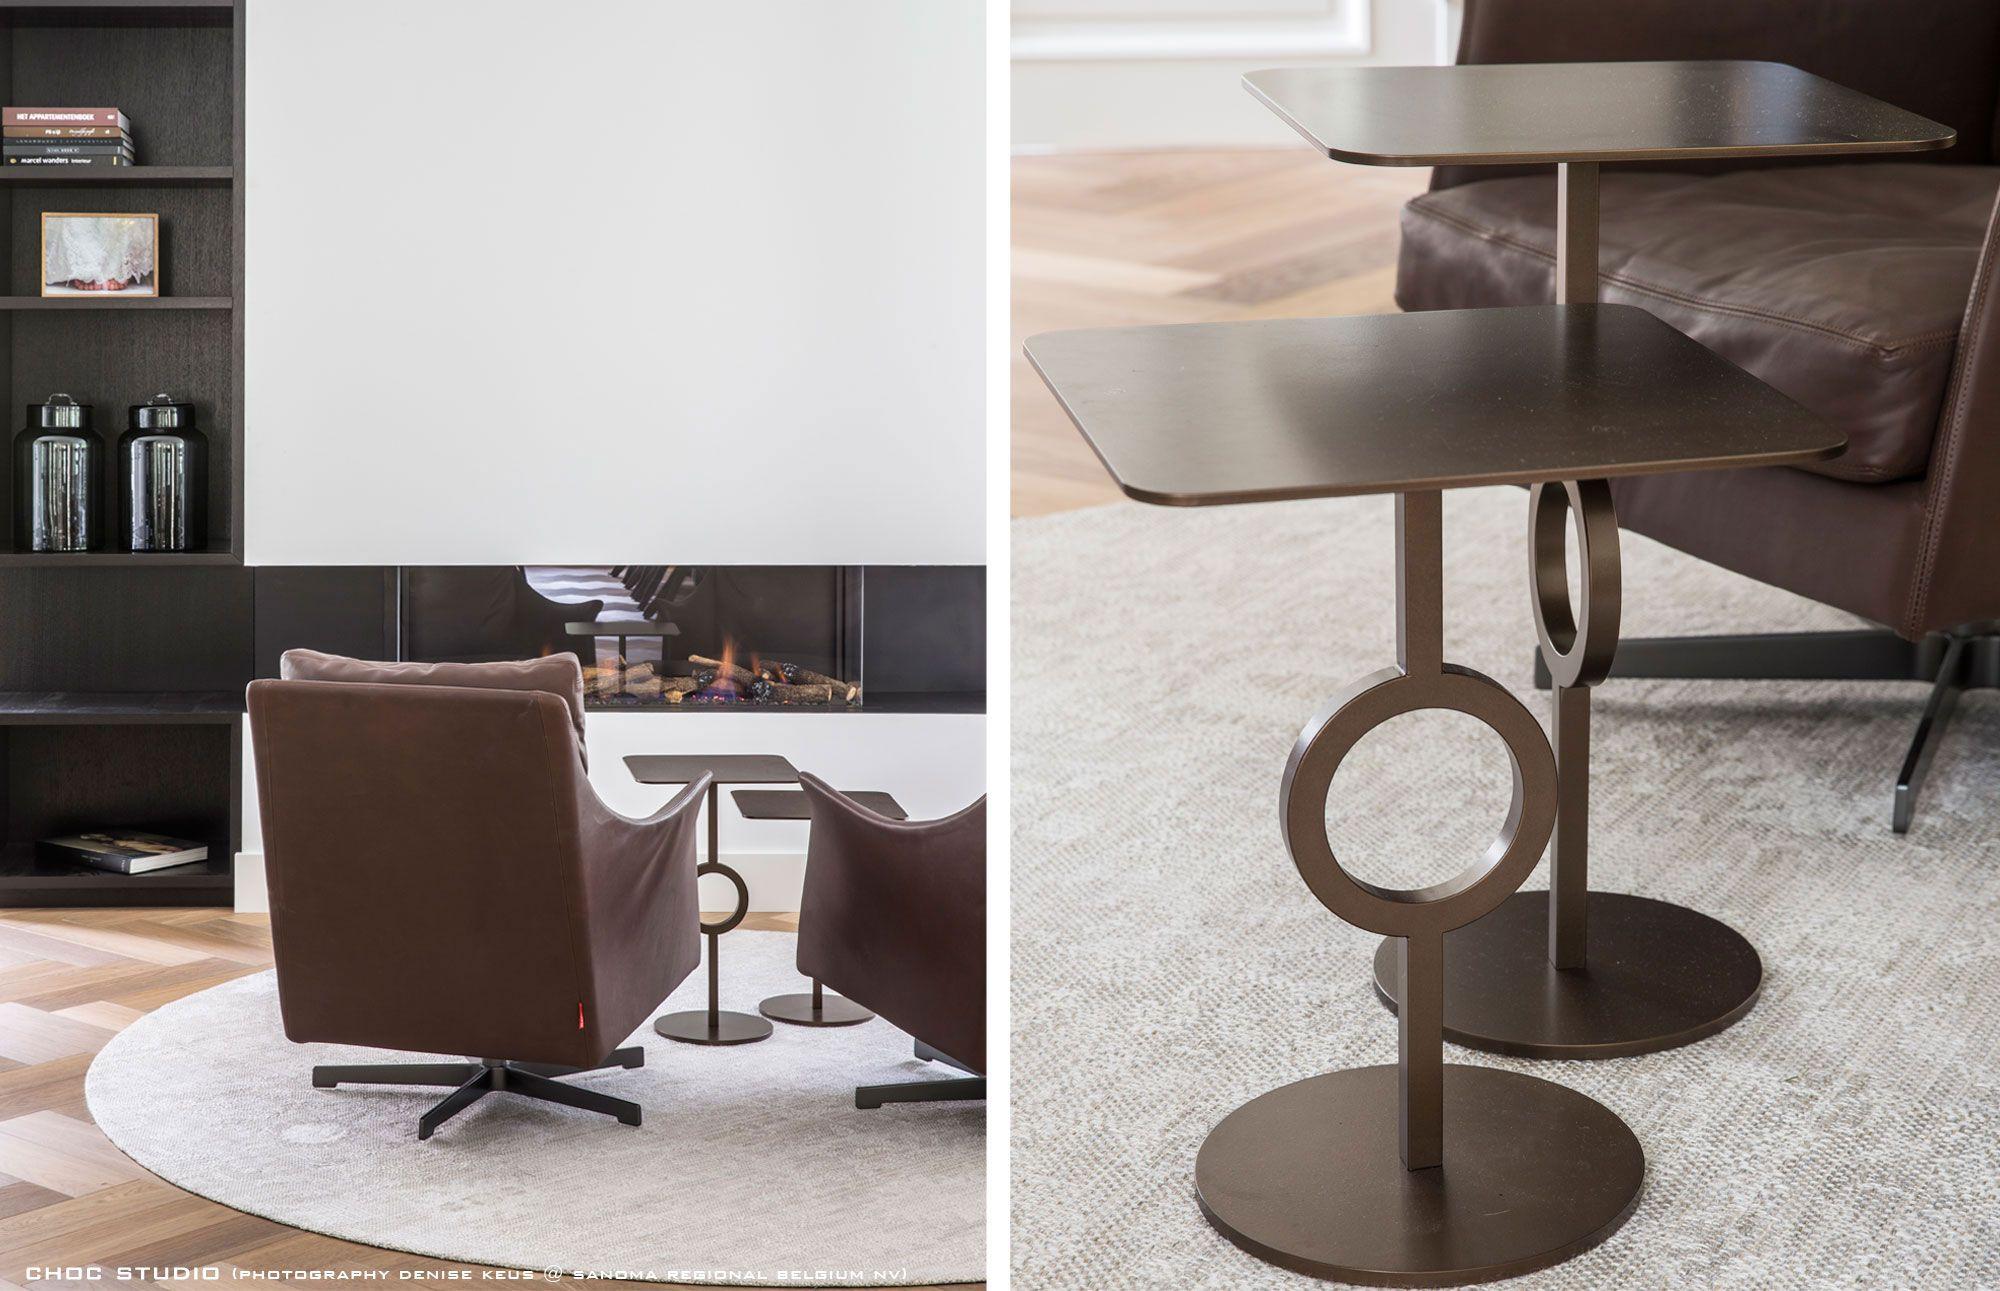 Modern interieur door choc studio interieurontwerp en realisatie